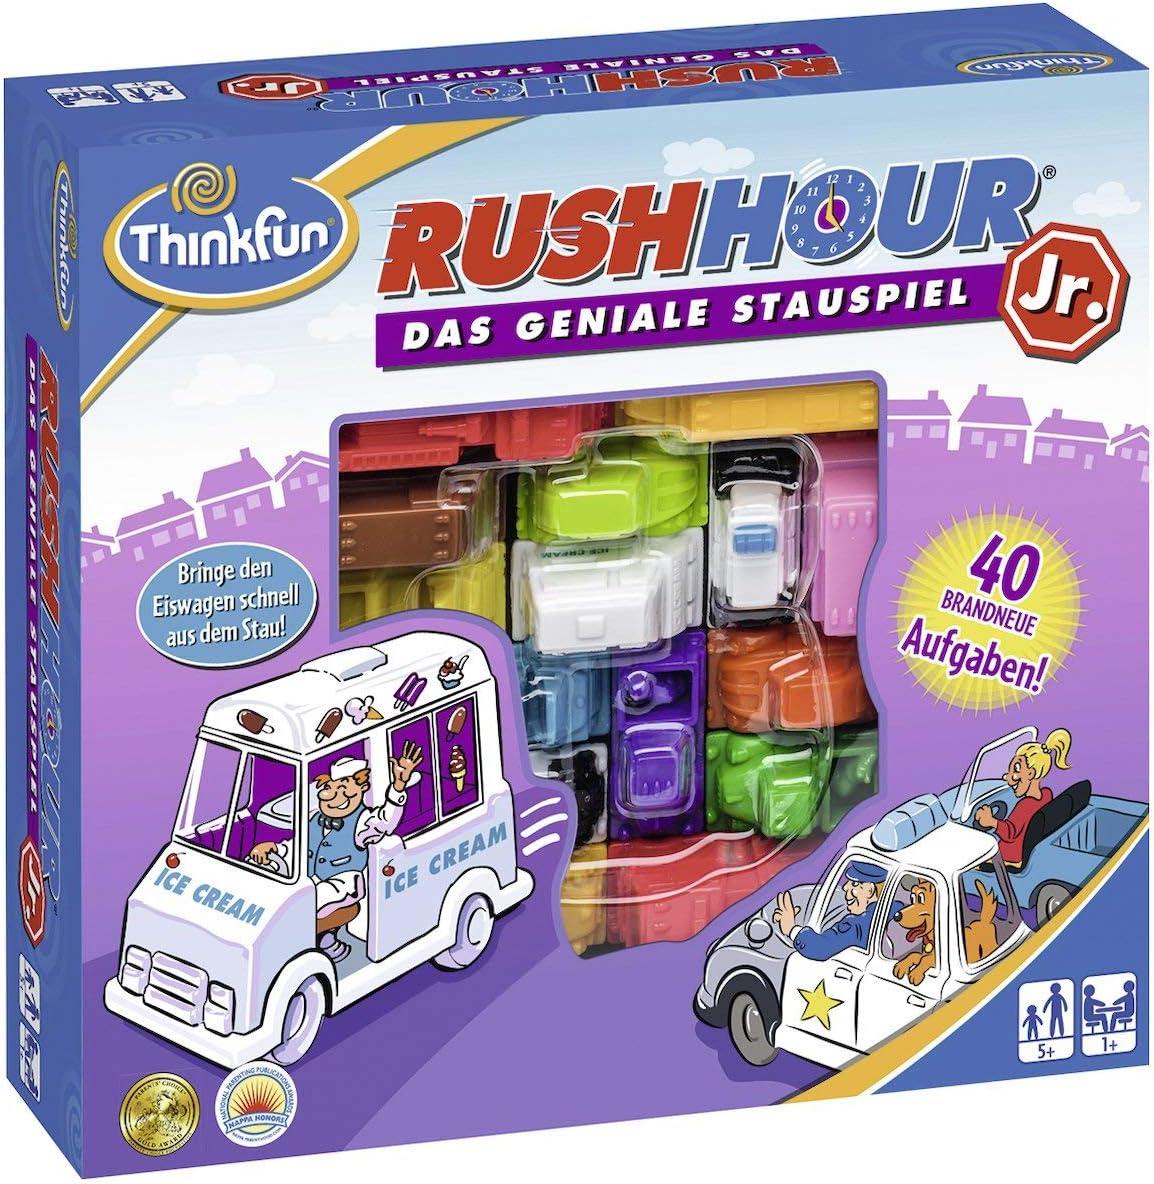 ThinkFun- Nein Rush Hour Junior-Juego Infantil, Color Blanco (Ravensburger Spieleverlag 76303): Yoshigahara, Nob: Amazon.es: Juguetes y juegos